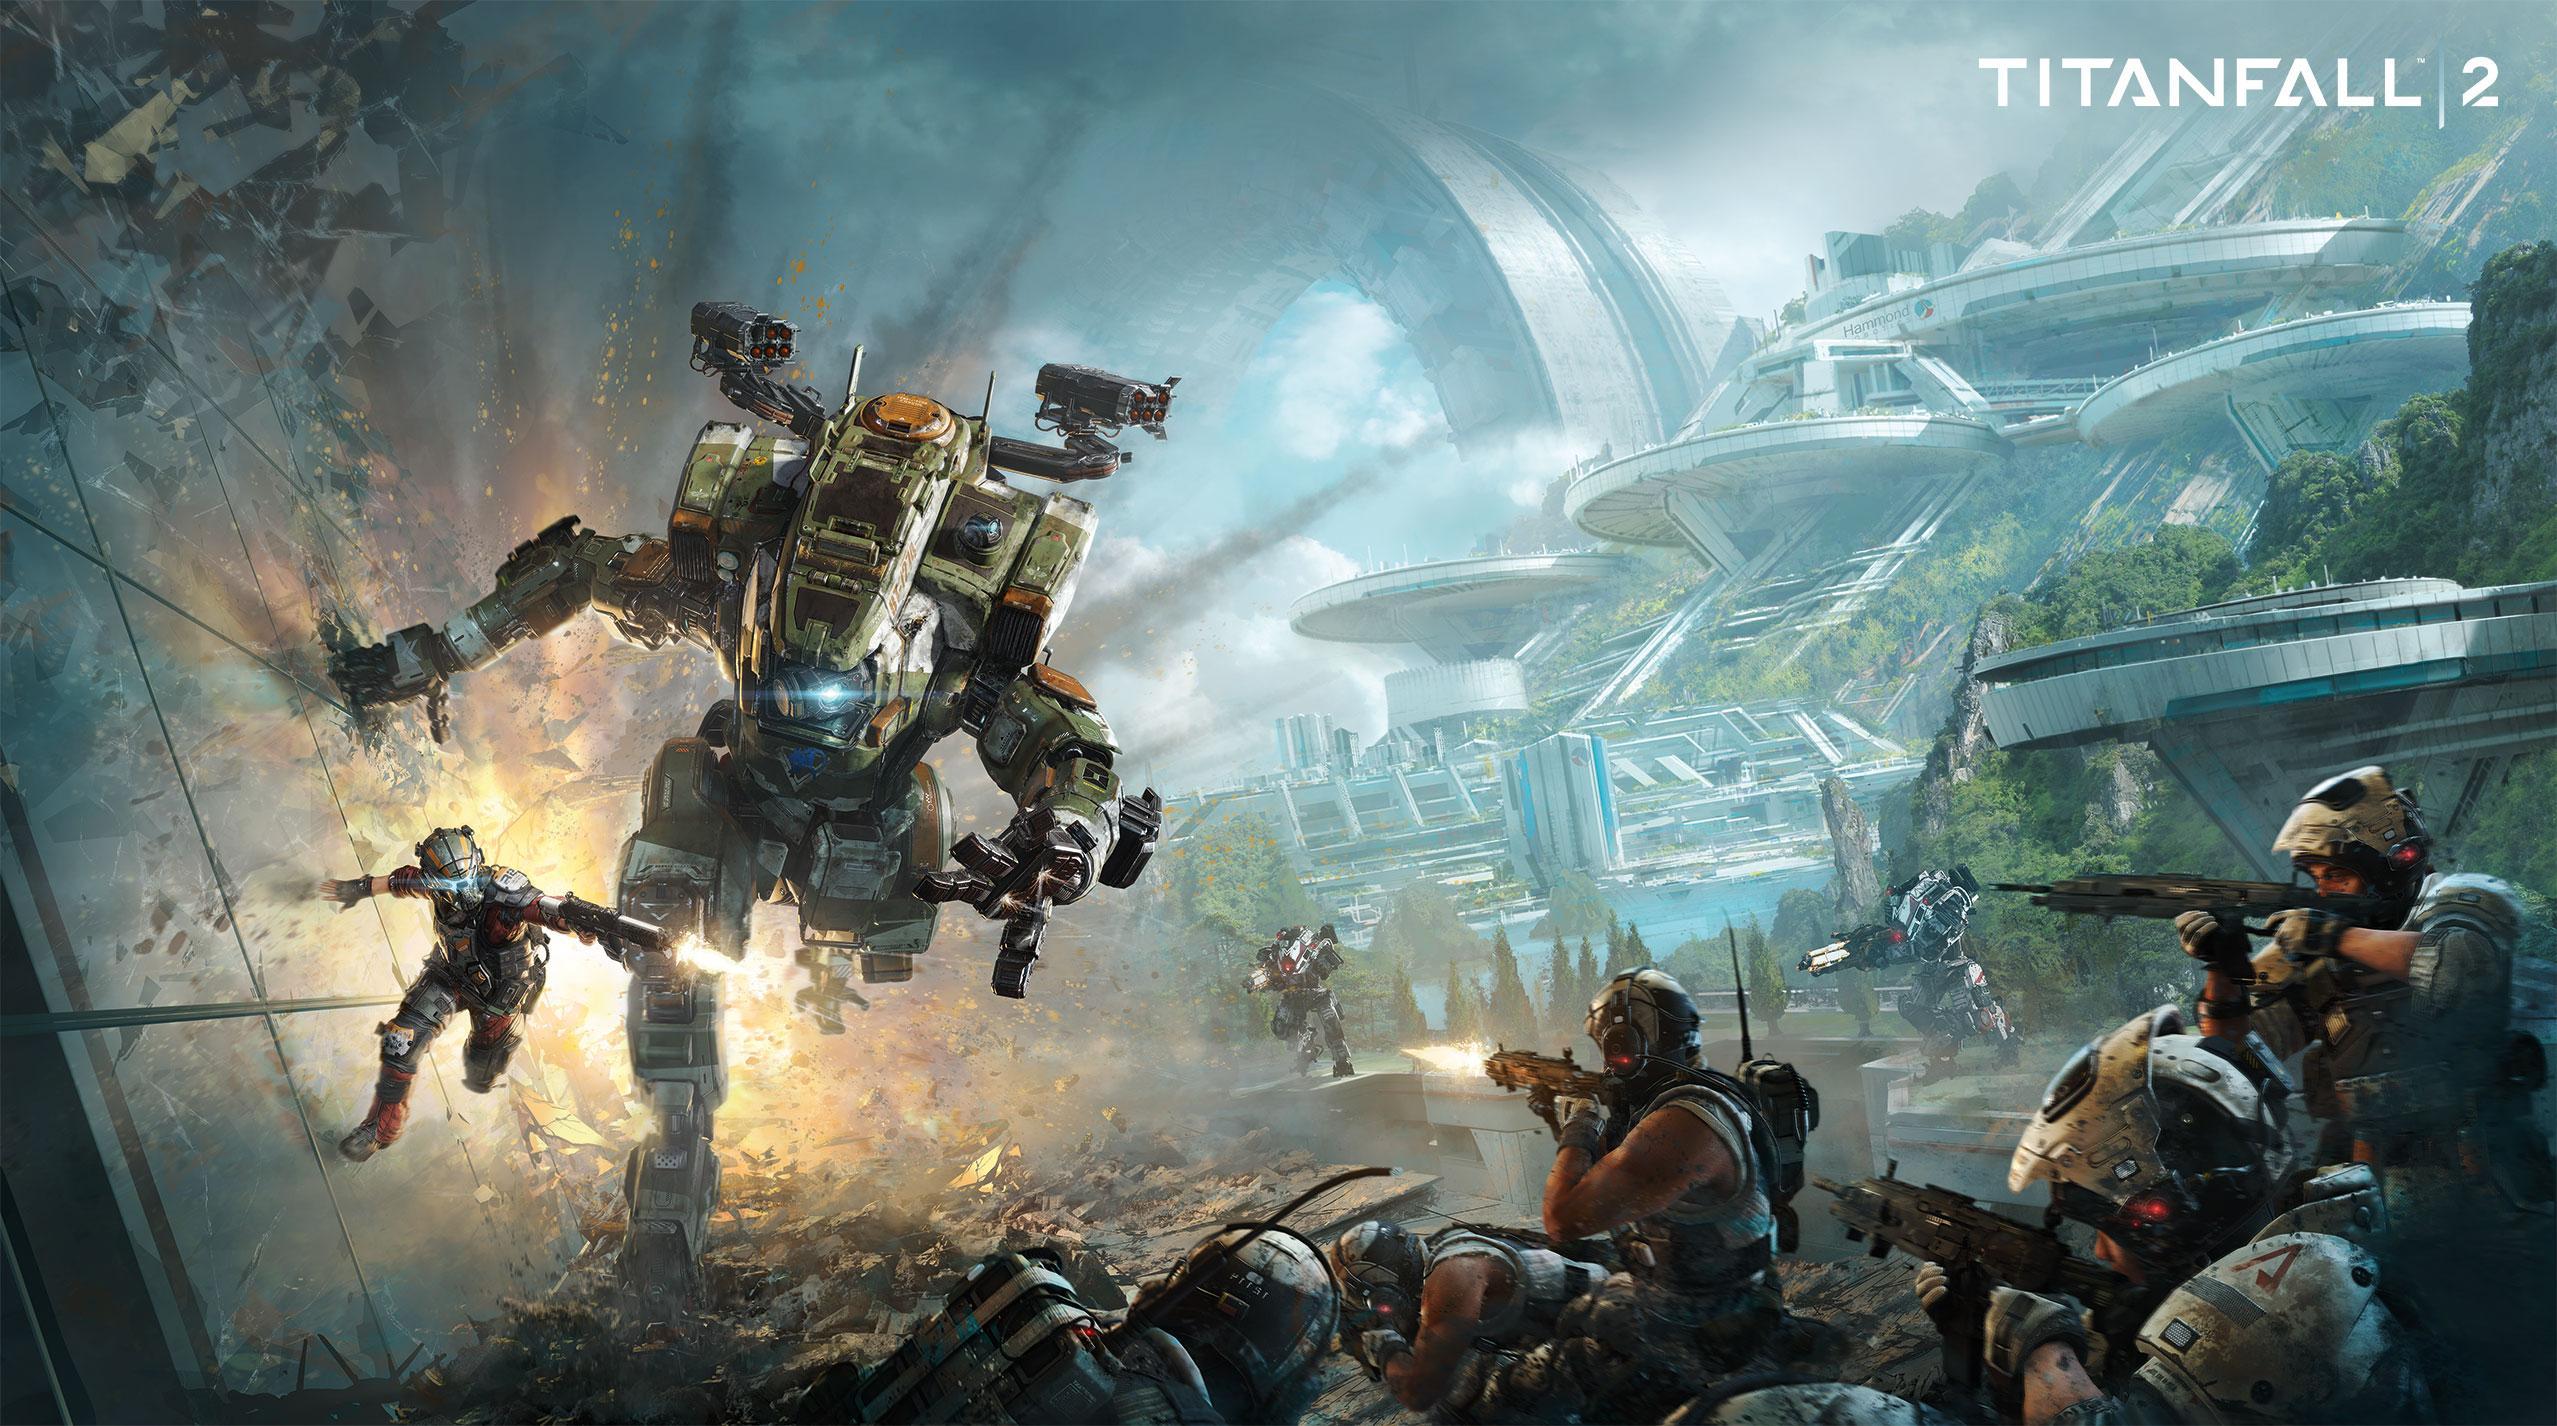 Titanfall 2 arrive en version d'essai dès demain sur Xbox One